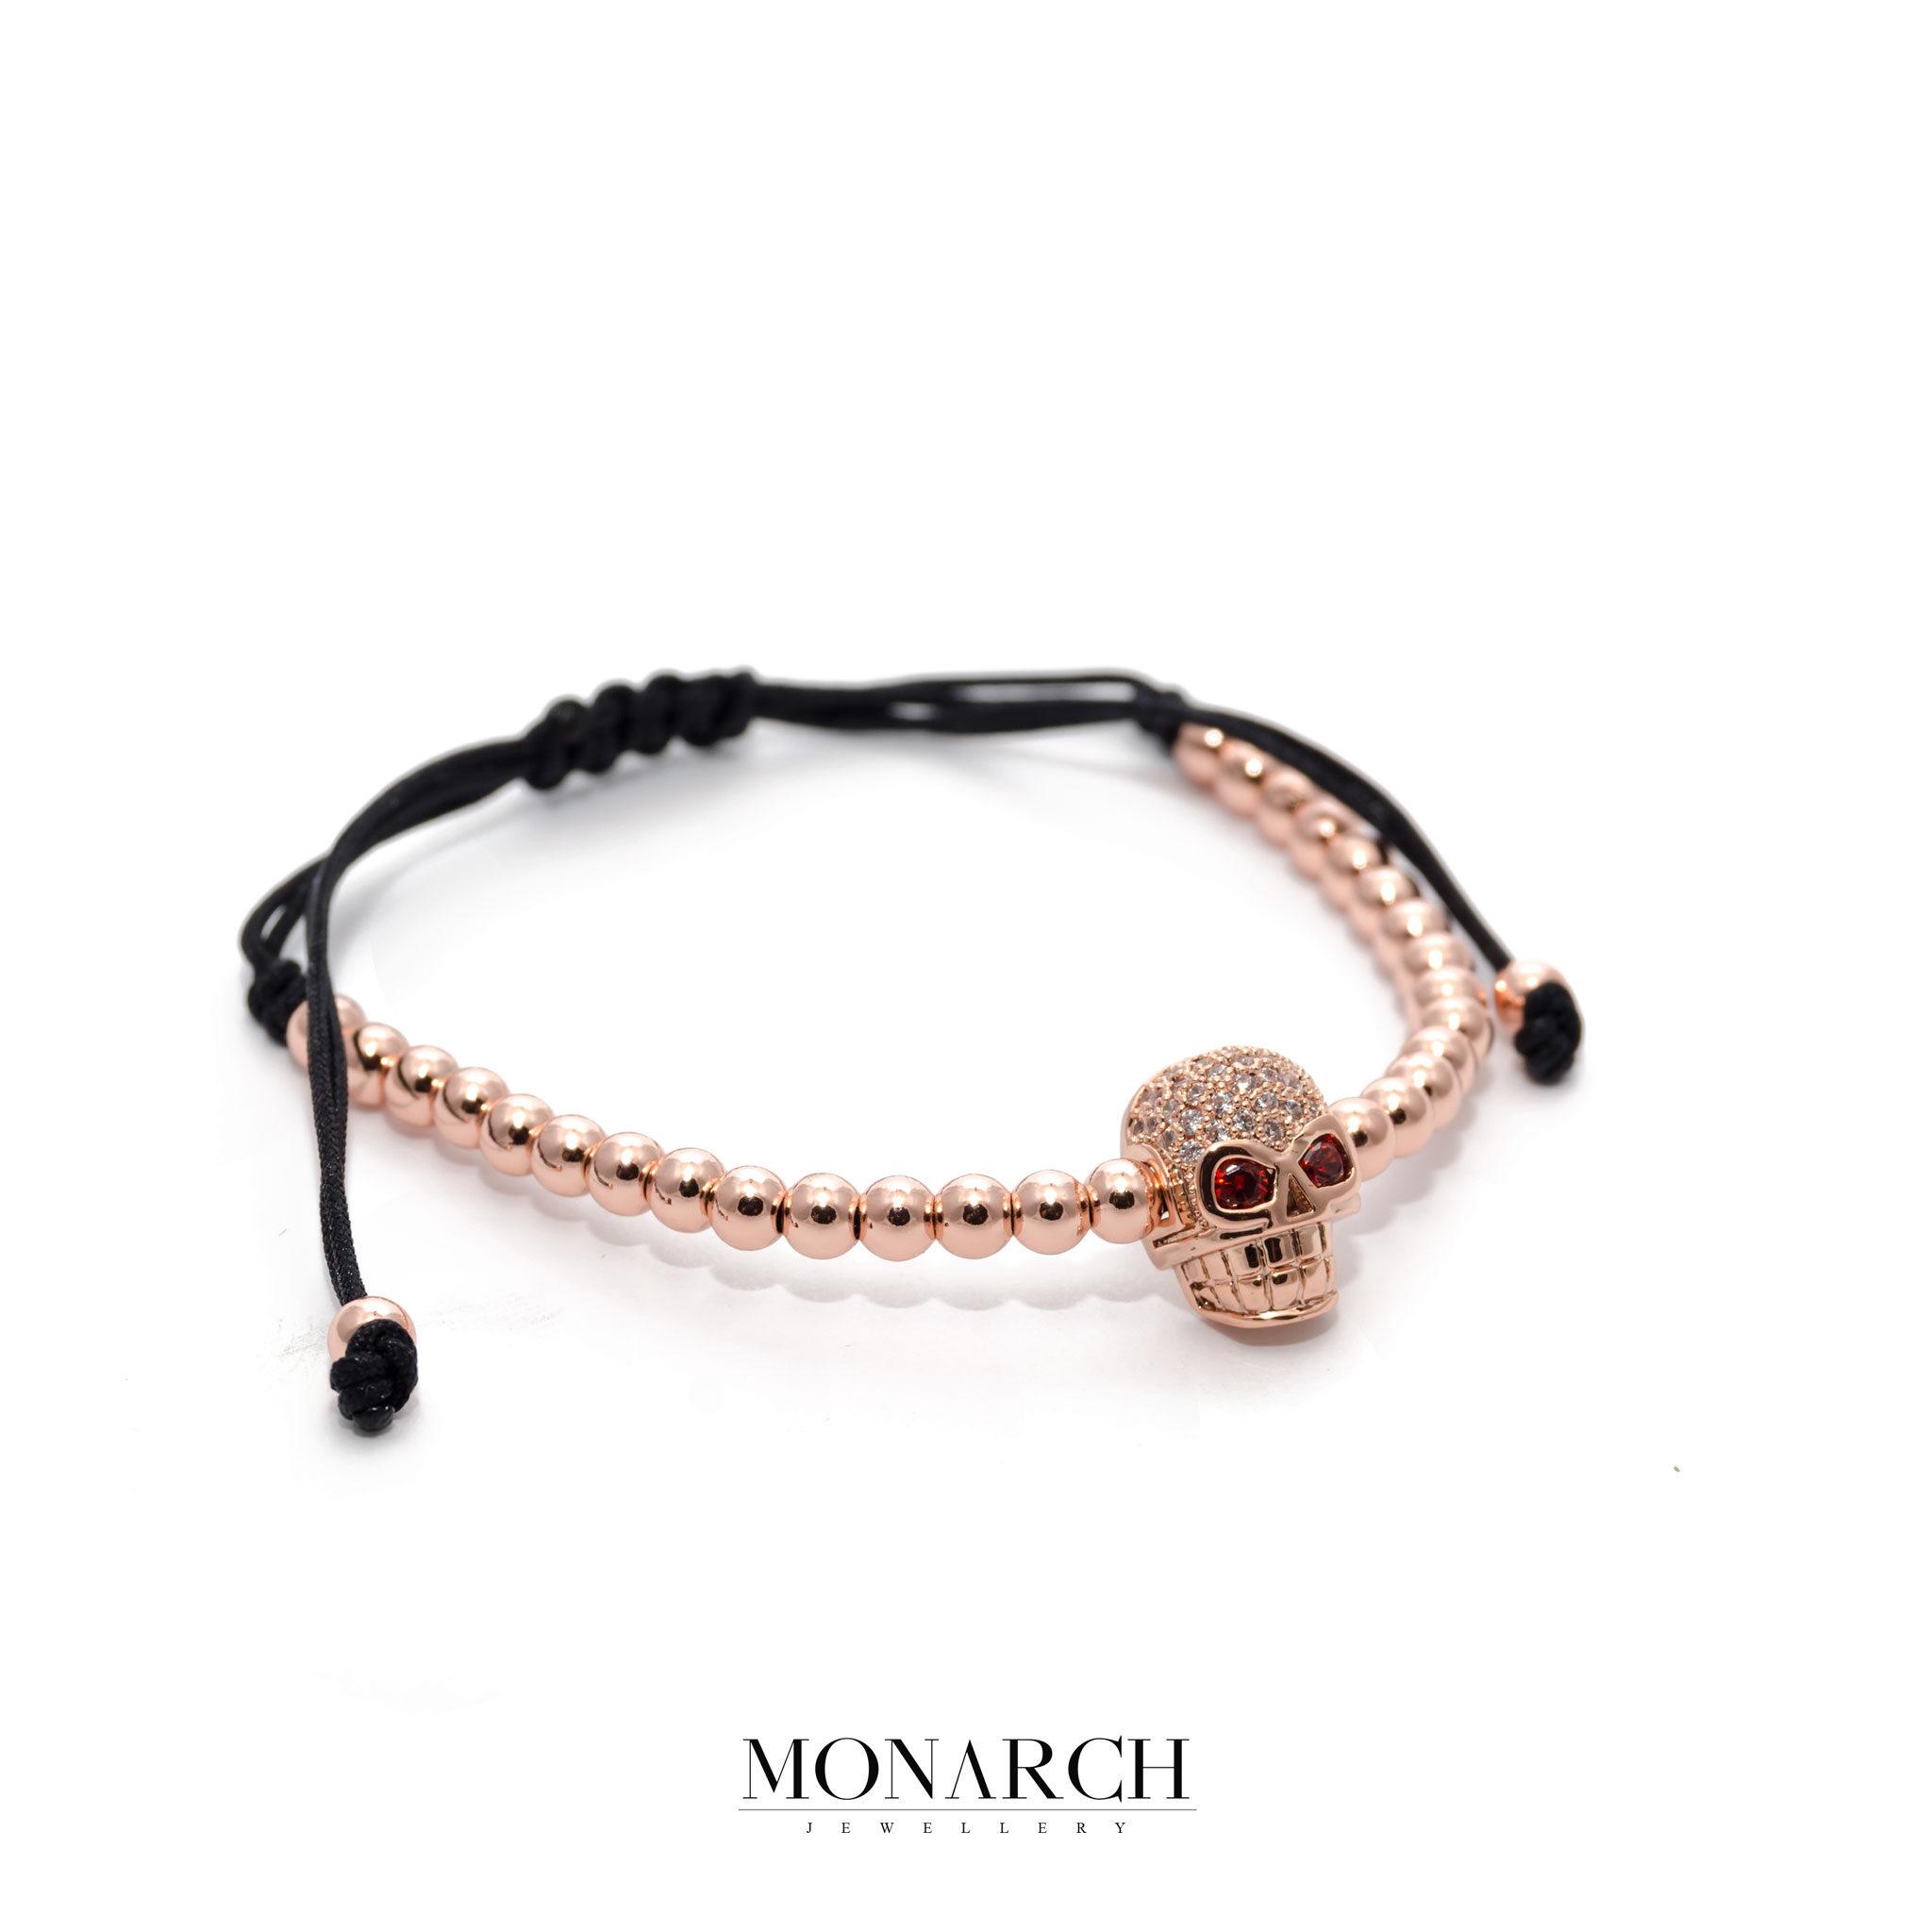 24K Rose Gold Zircon Skull Macrame Bracelet